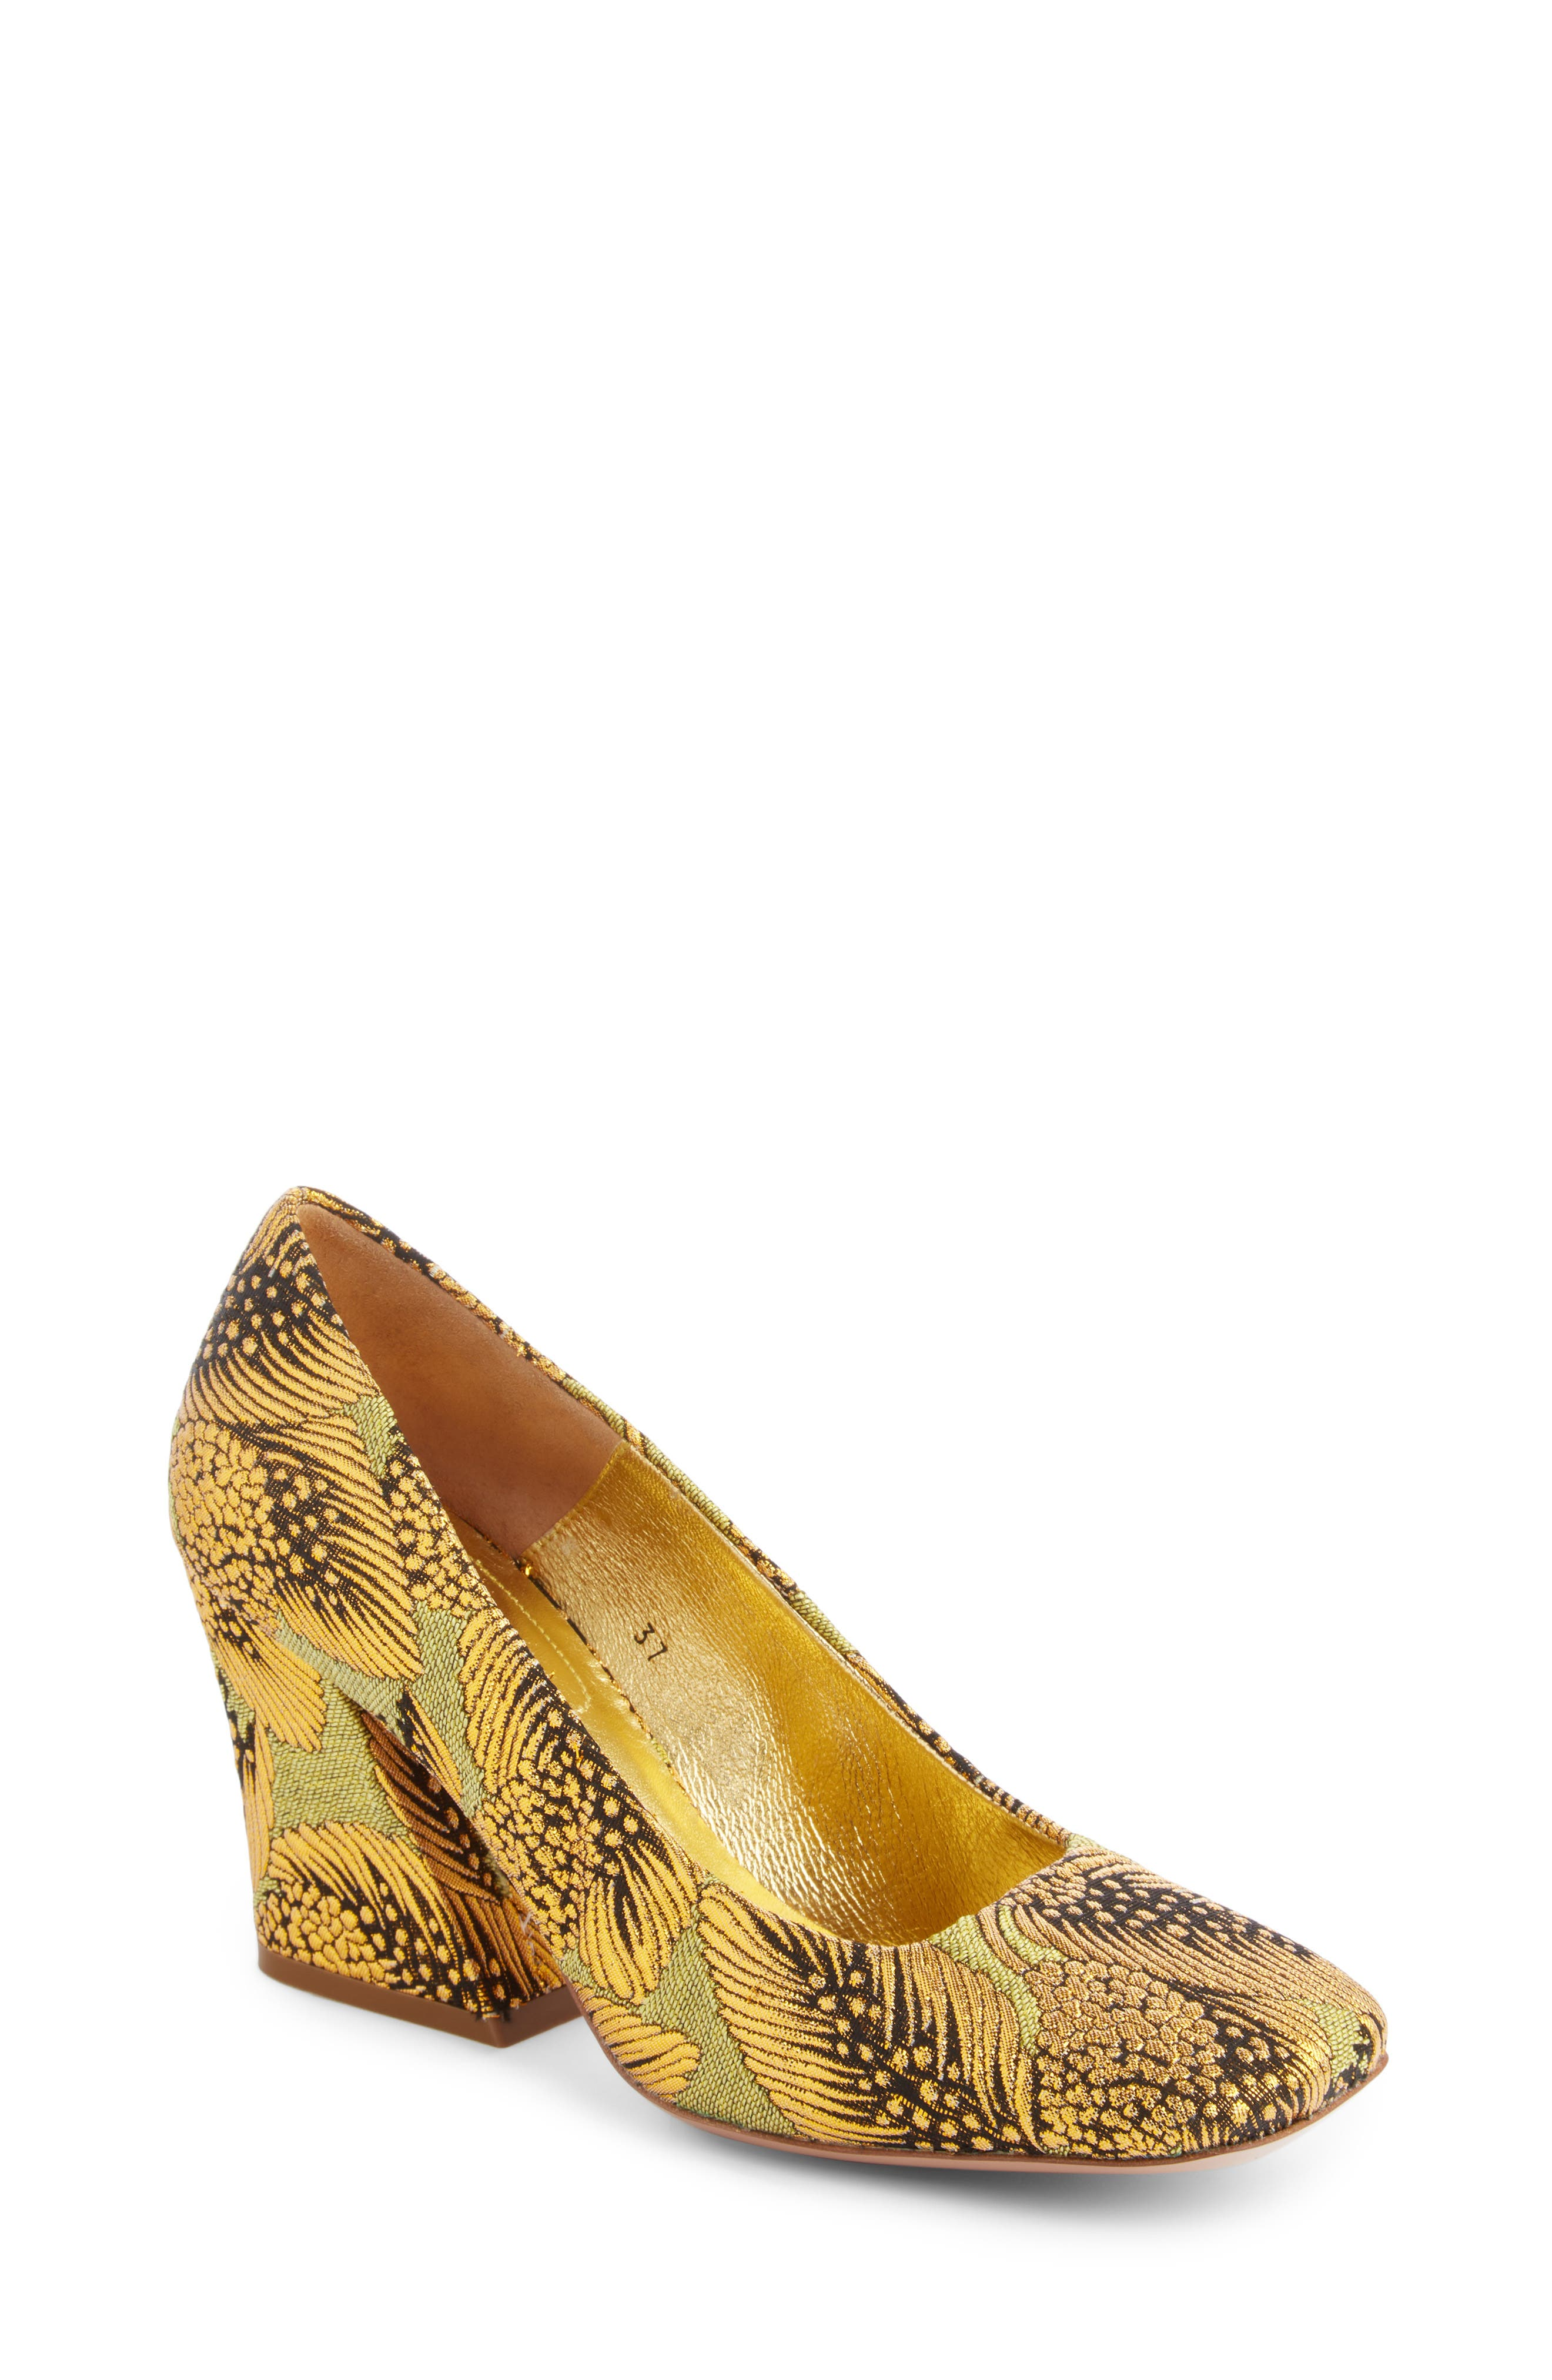 Alternate Image 1 Selected - Dries Van Noten Leaf Print Angle Heel Pump (Women)